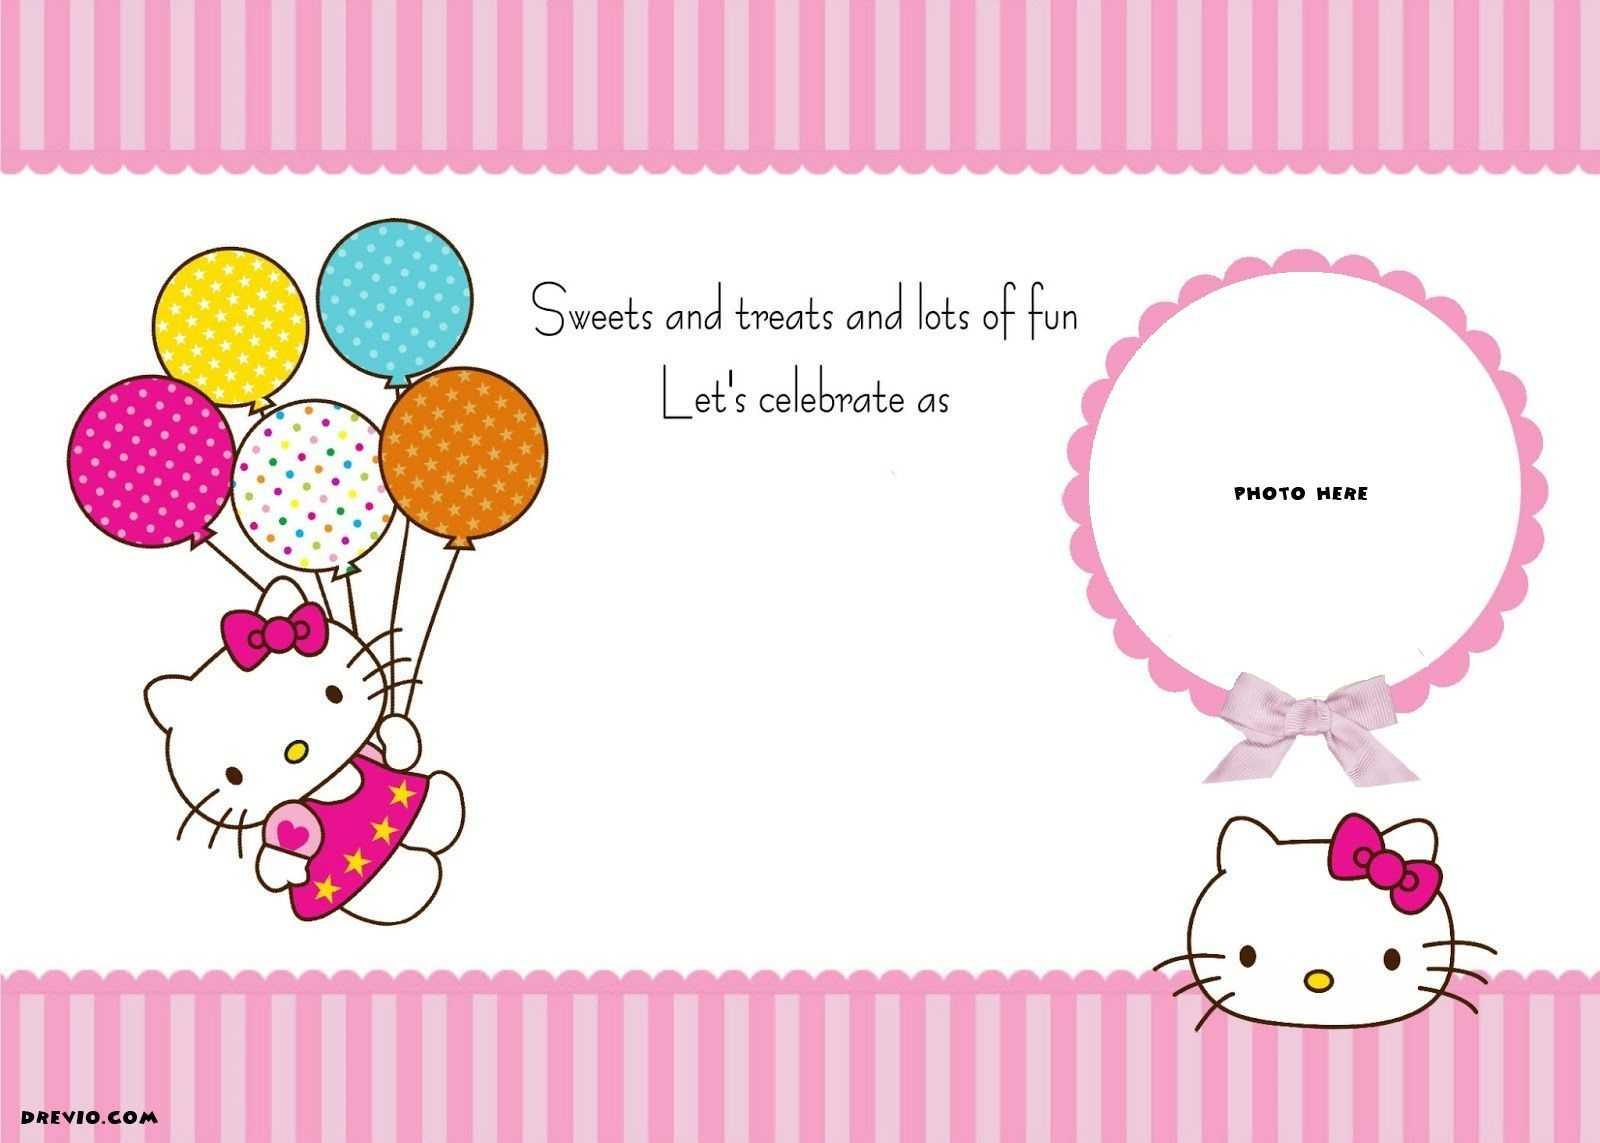 Invitation Template Hello Kitty | Website Templates regarding Hello Kitty Banner Template